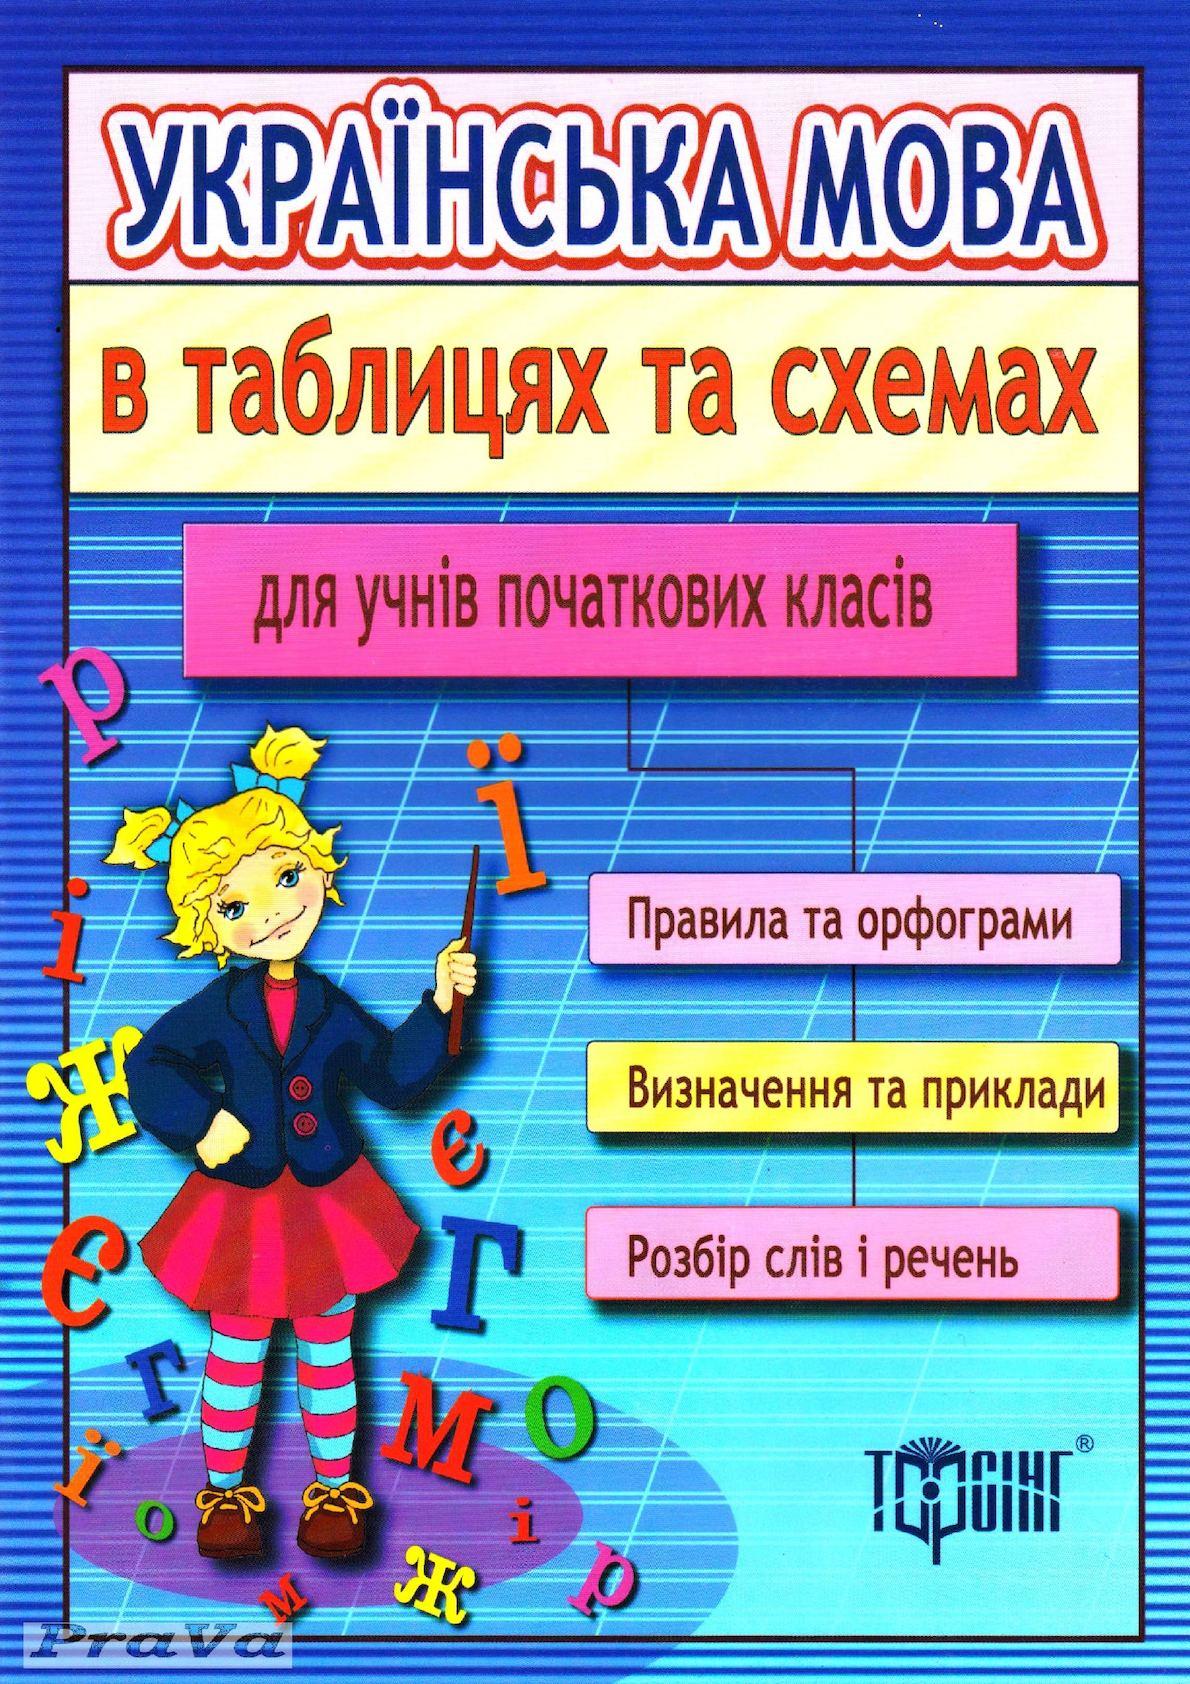 Методика навчання української мови в таблицях і схемах